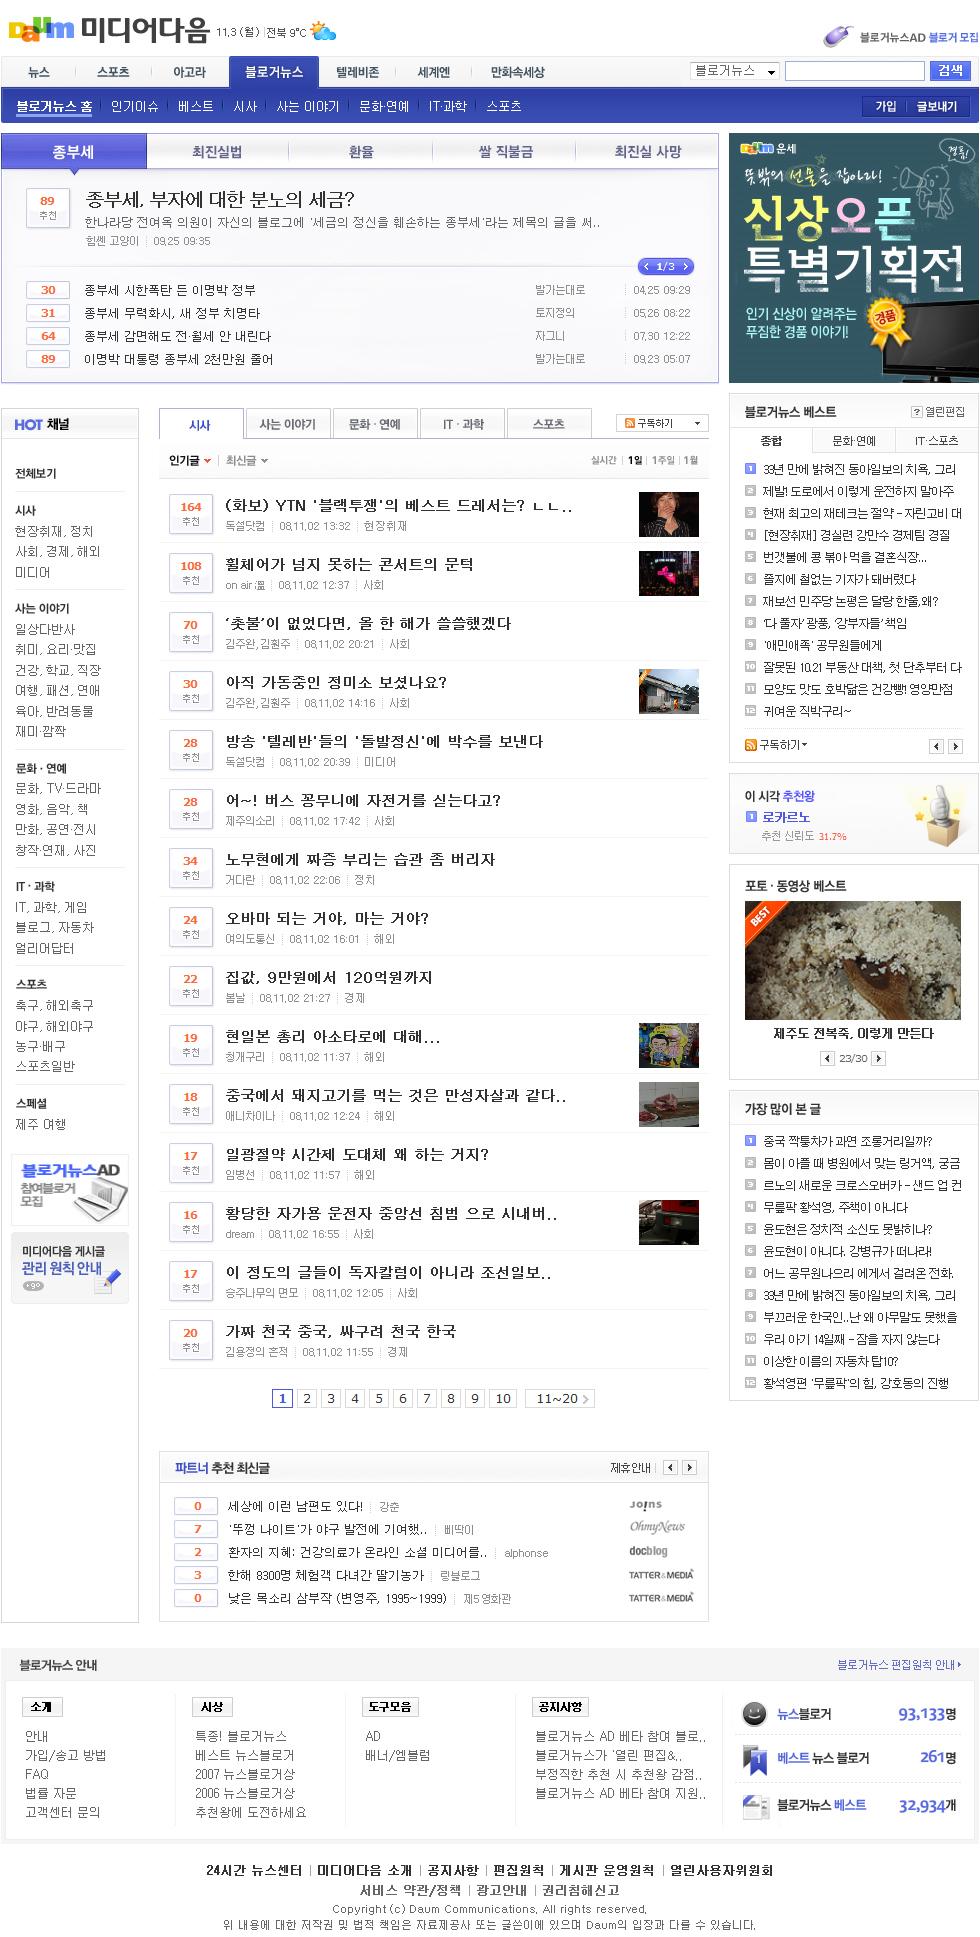 블로거뉴스 개편 첫 화면